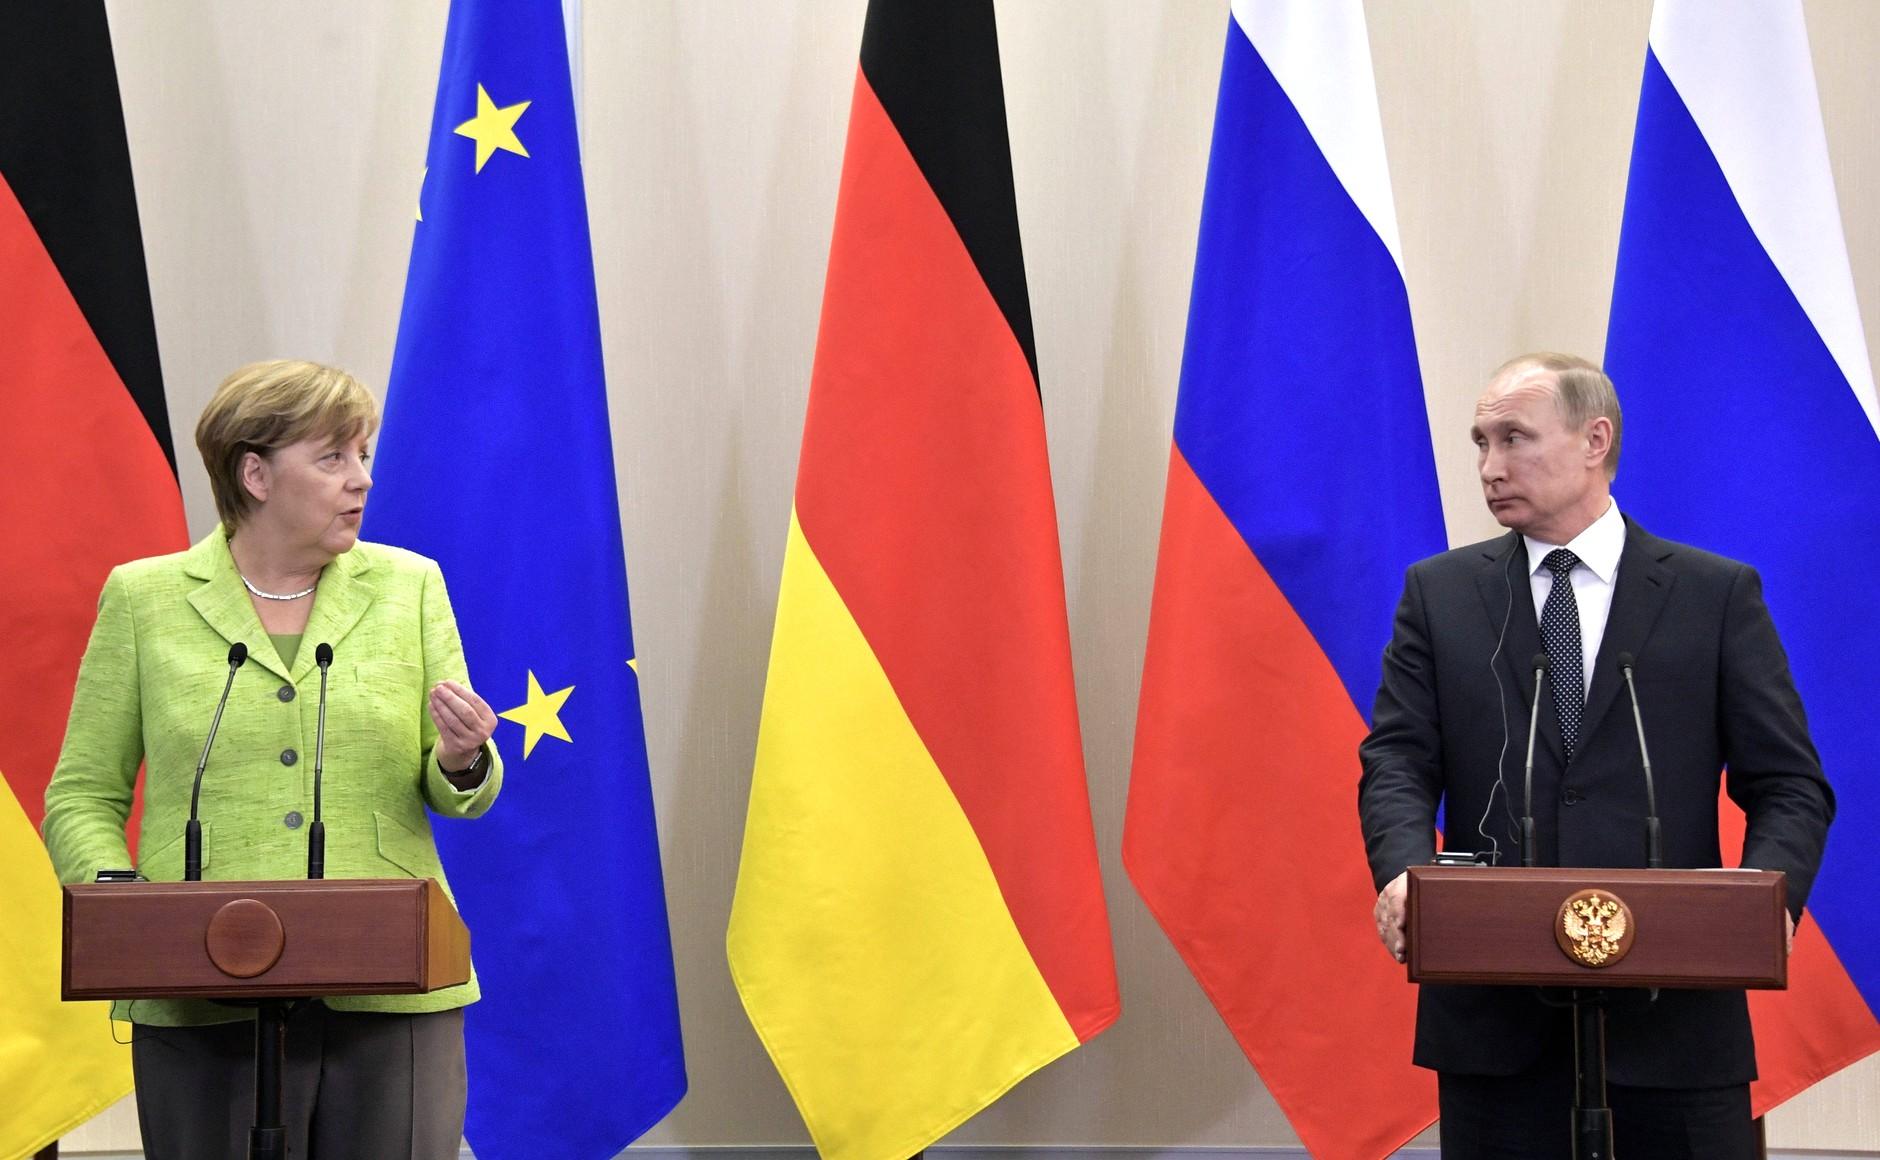 Заявления Путина после встречи с Меркель - это старые установки в действии